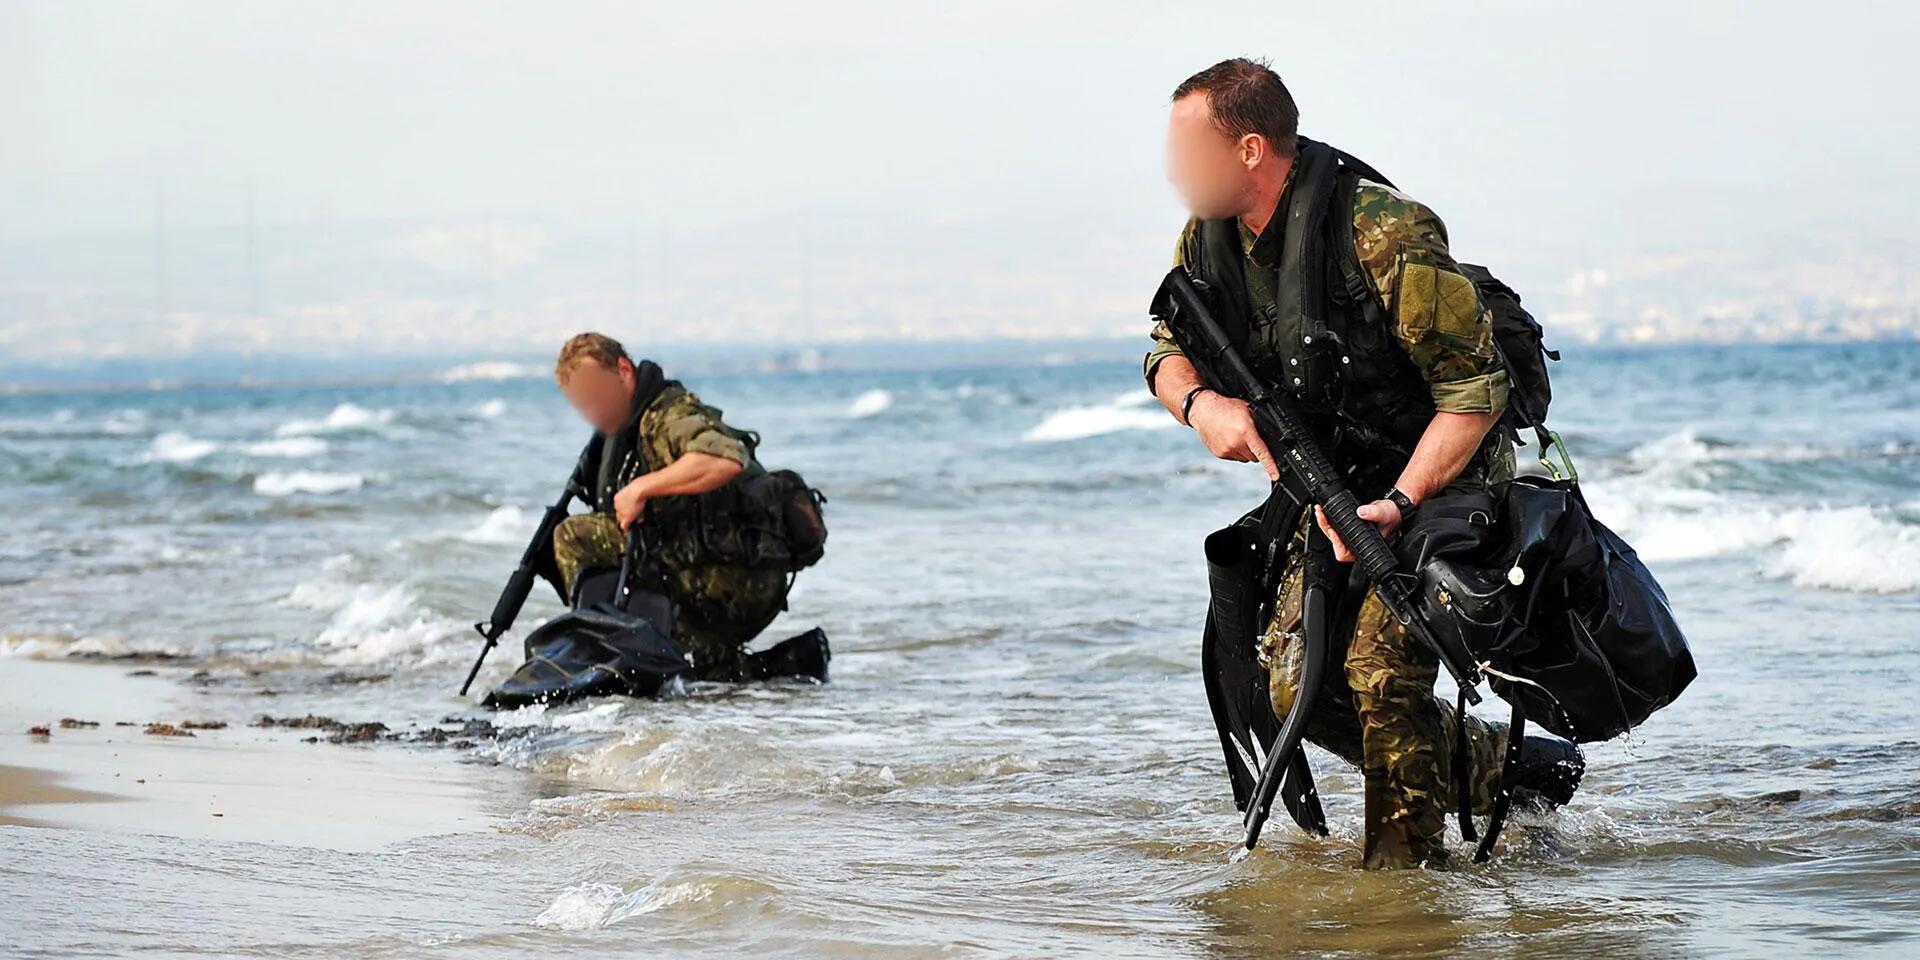 油轮在英吉利海峡被劫持 英军派SBS特种部队突袭解救